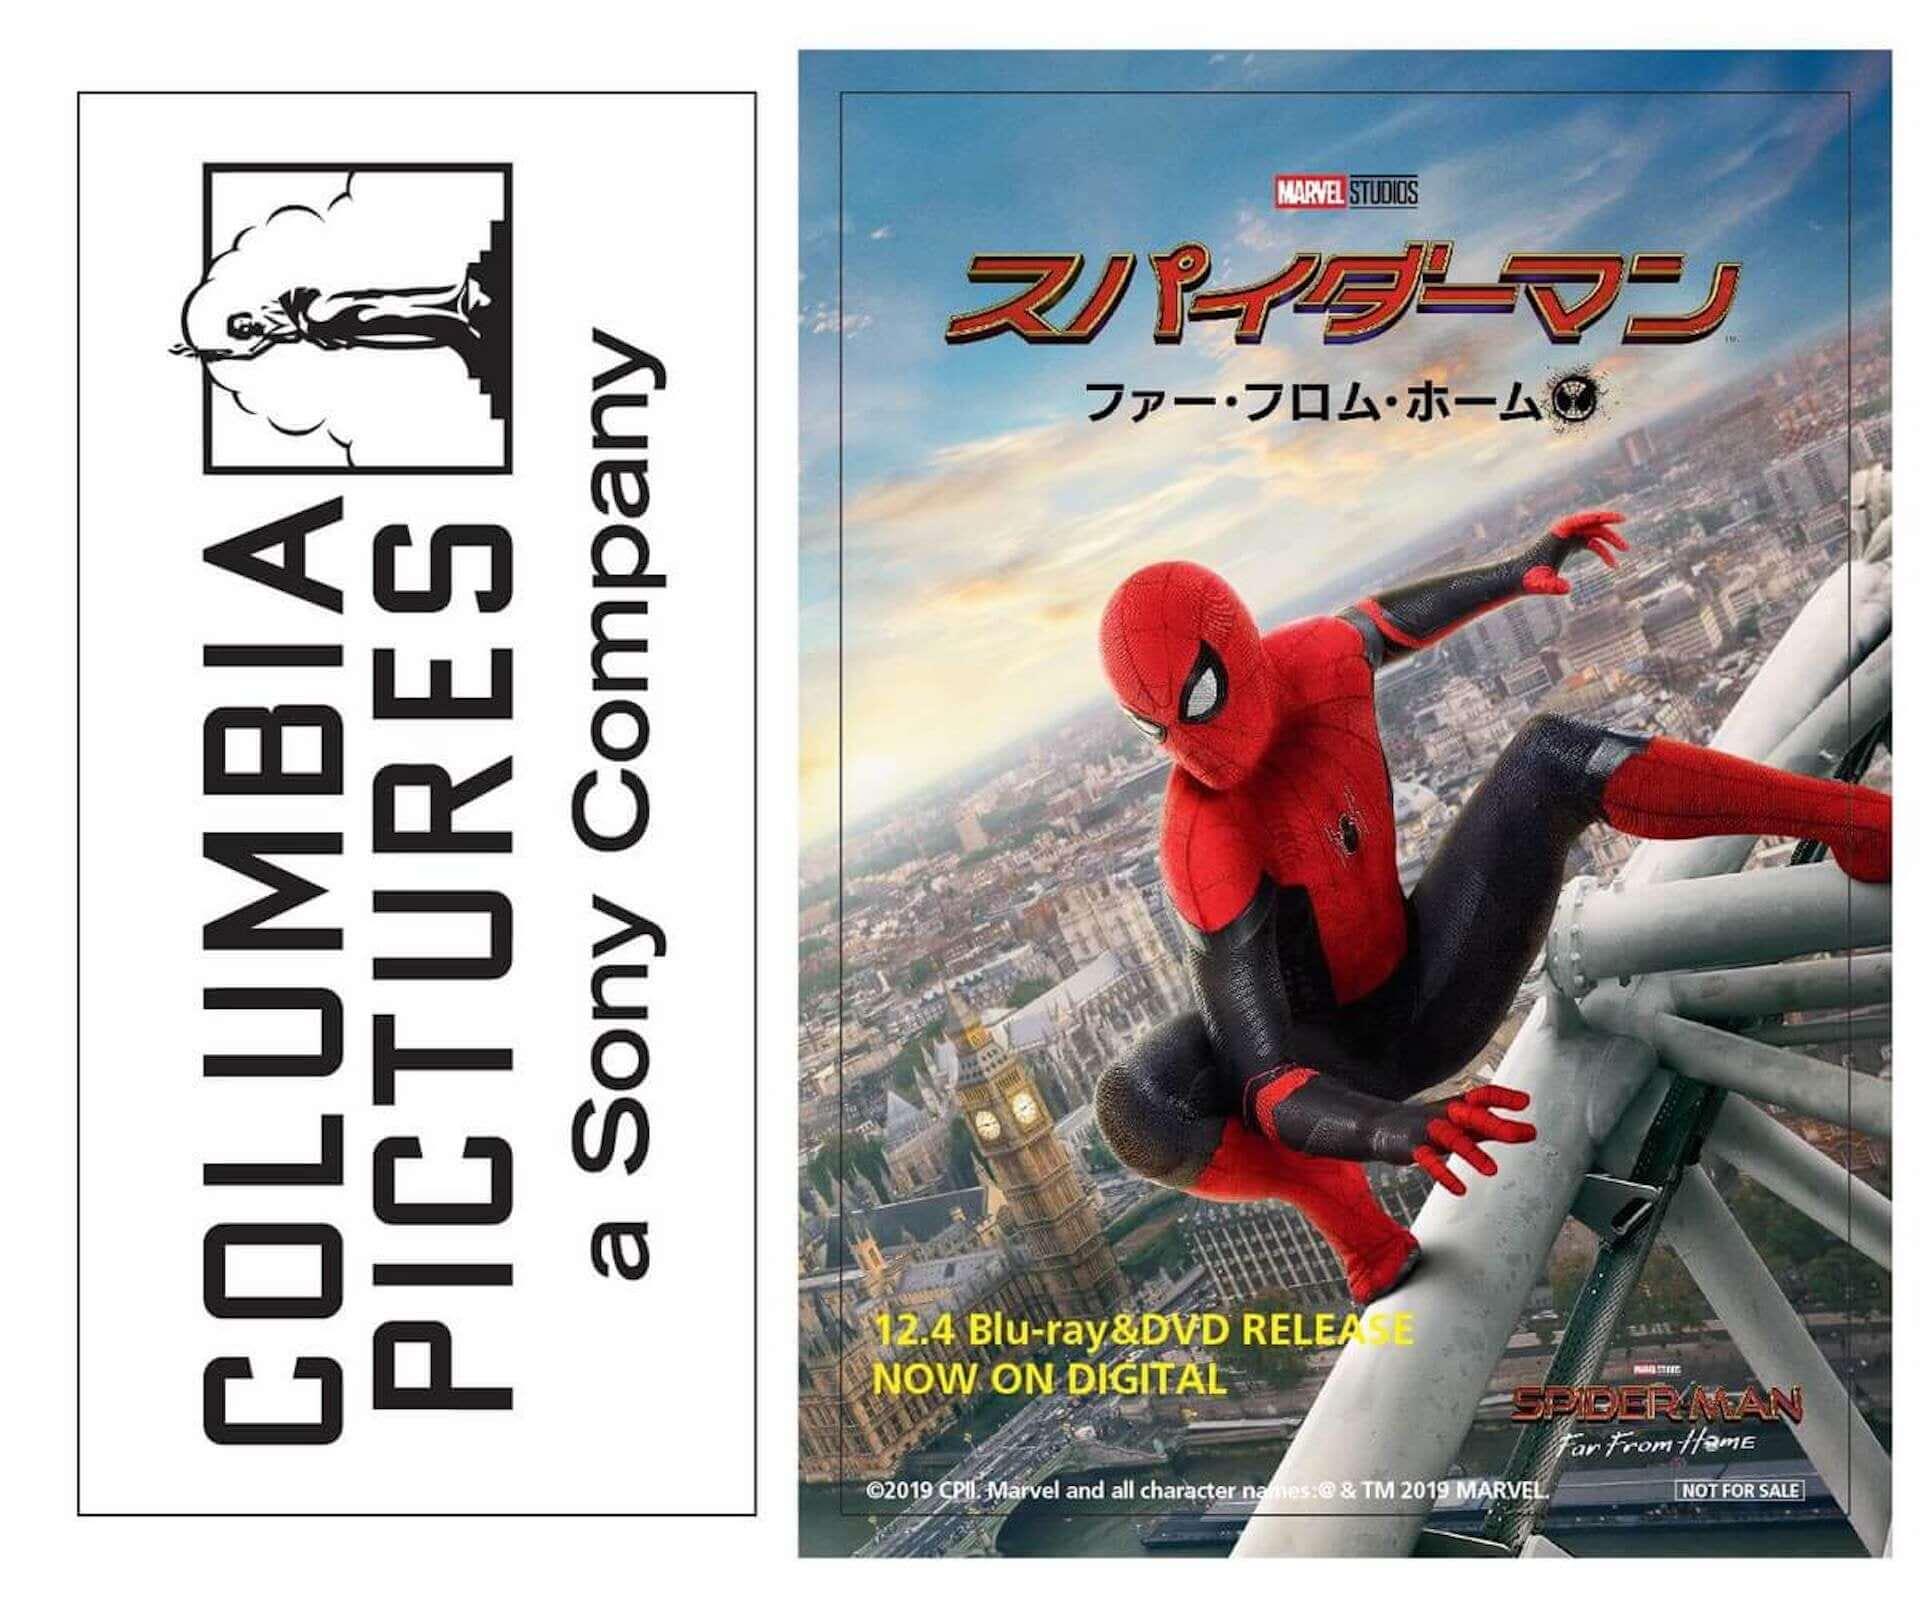 あの名場面が蘇る!?『スパイダーマン』『ヴェノム』の世界に入り込んで撮影できるフォトブースが東京コミコンに登場 film191118_sonycomicon4-1920x1608